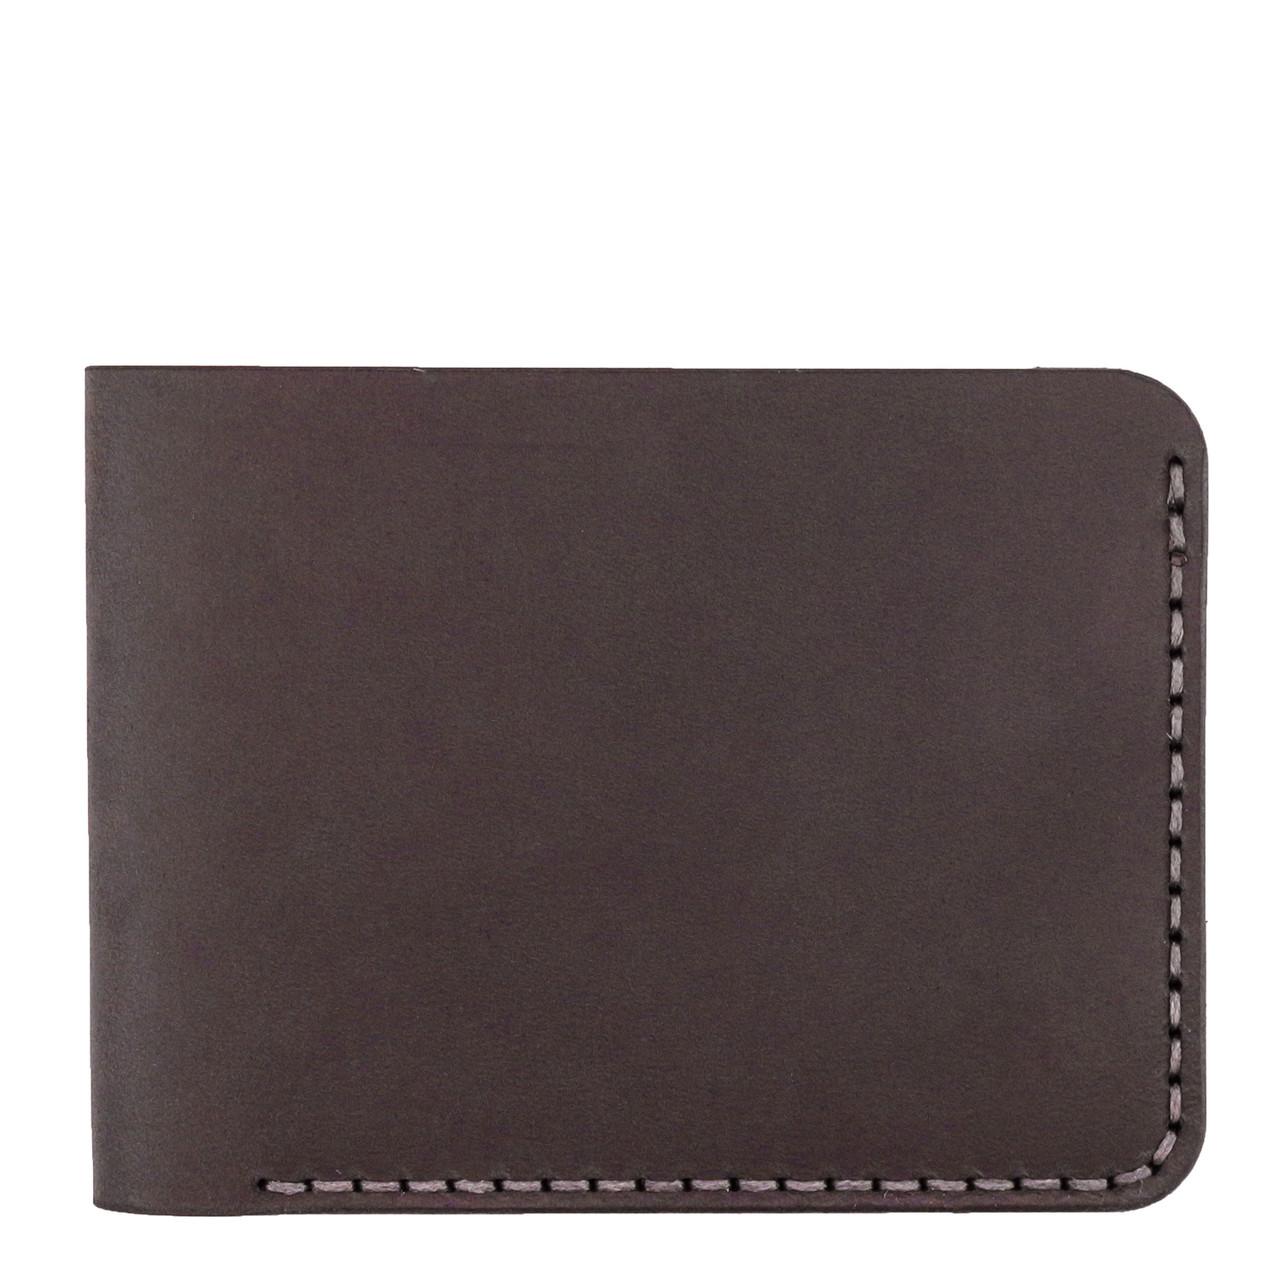 Мужской кожаный бумажник ручной работы VOILE коричневый (966480341)